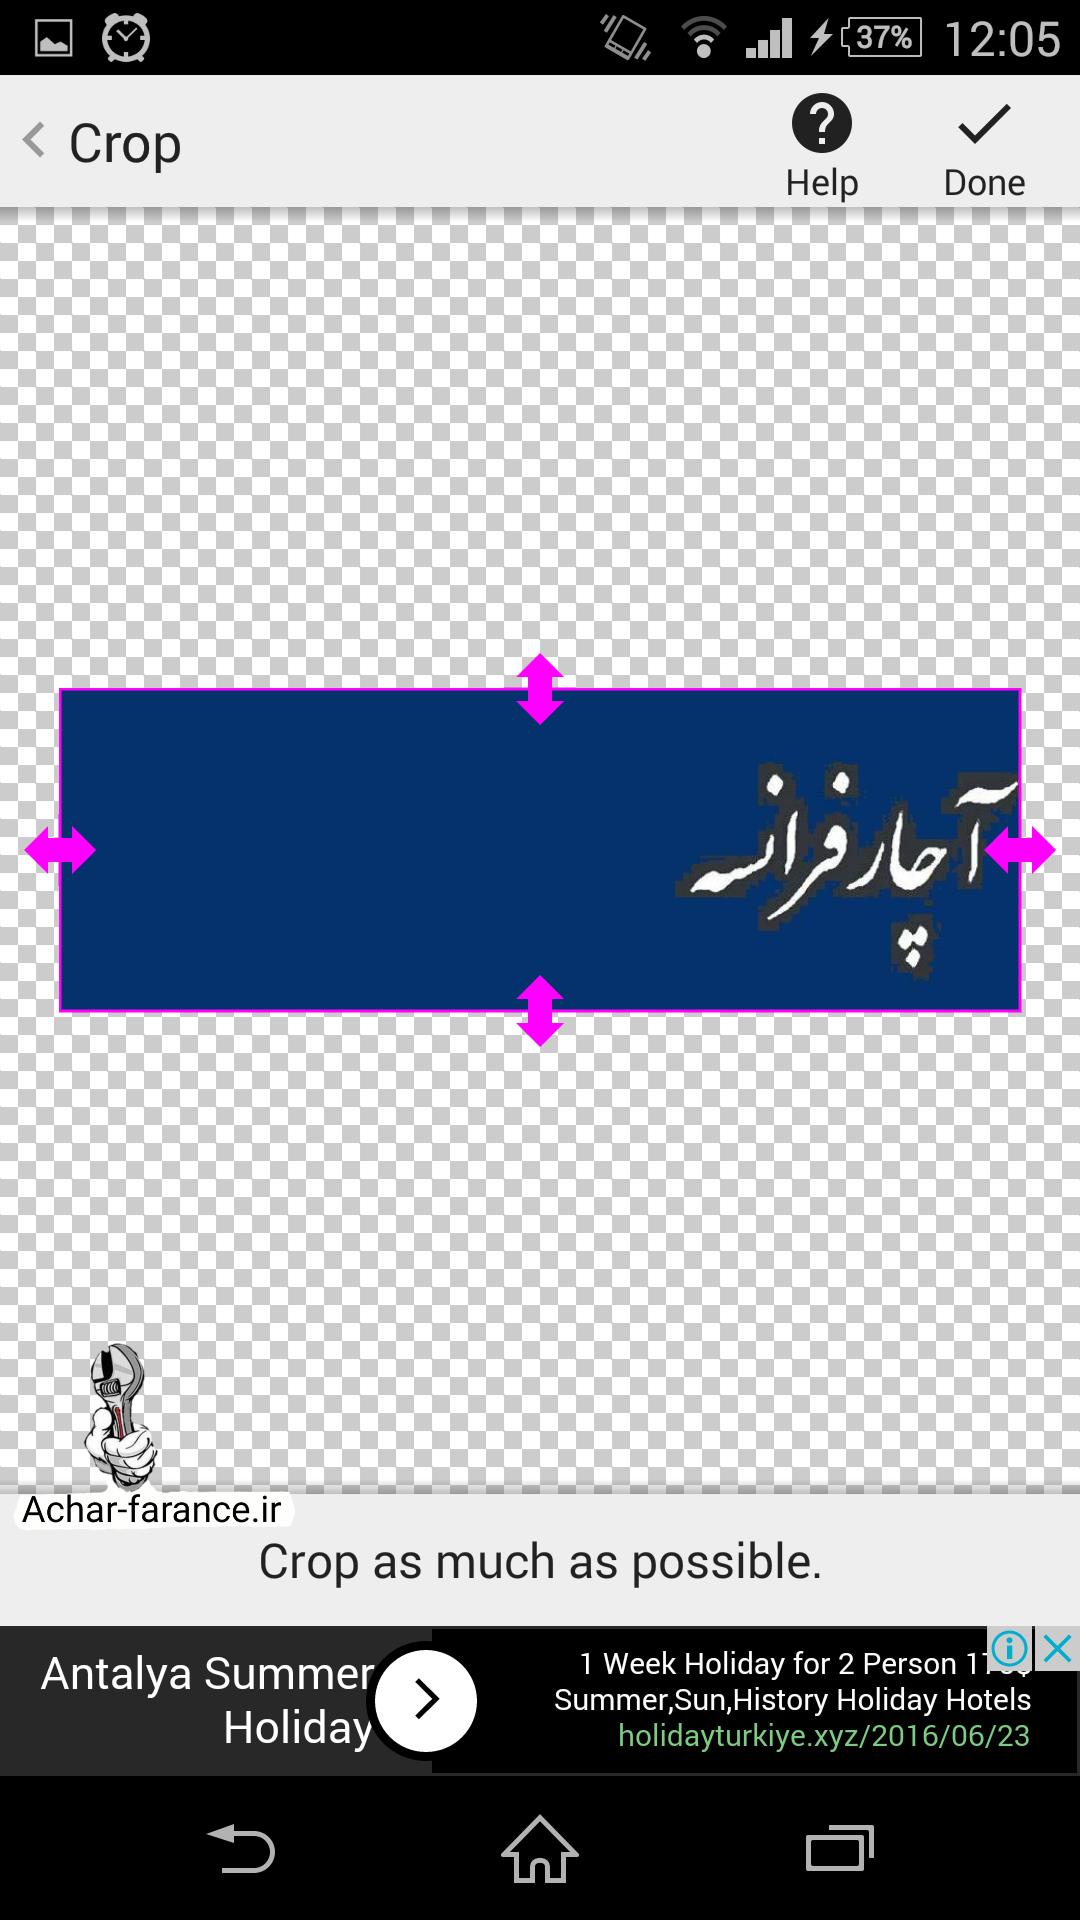 9jsj_sketch-1470203239472.png